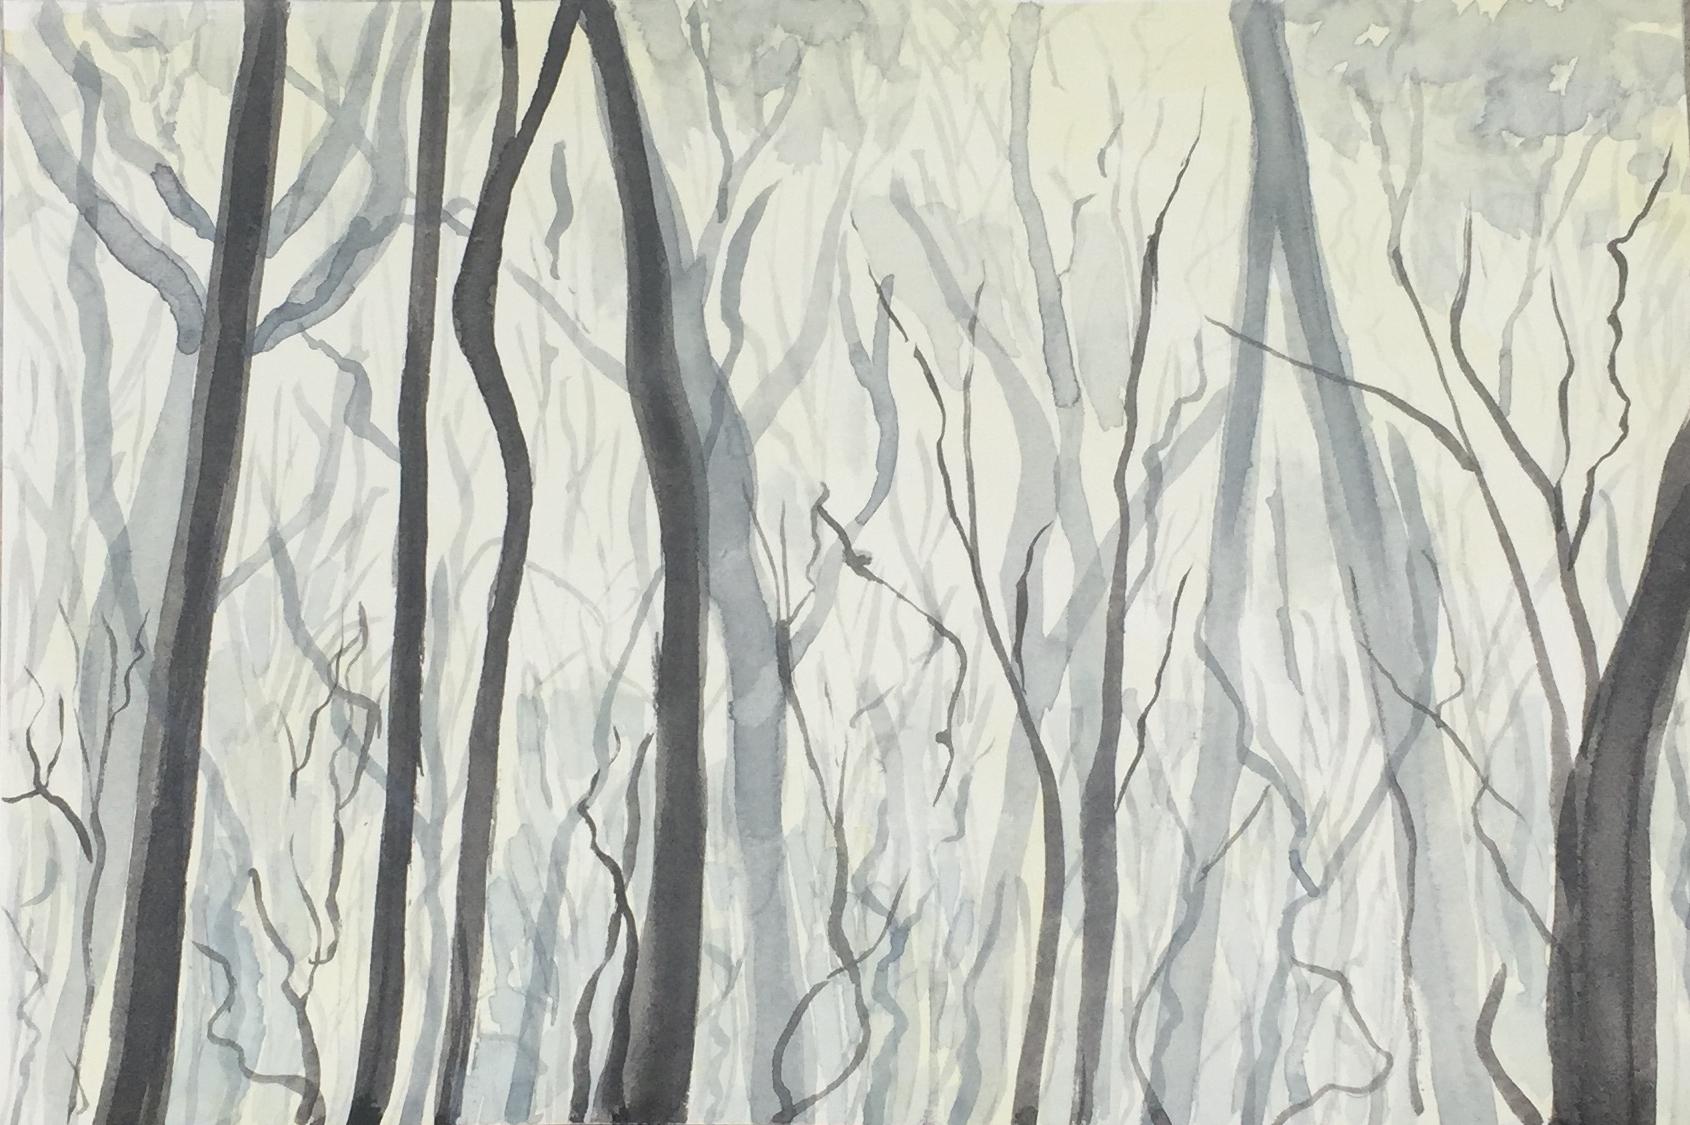 watercolor 32